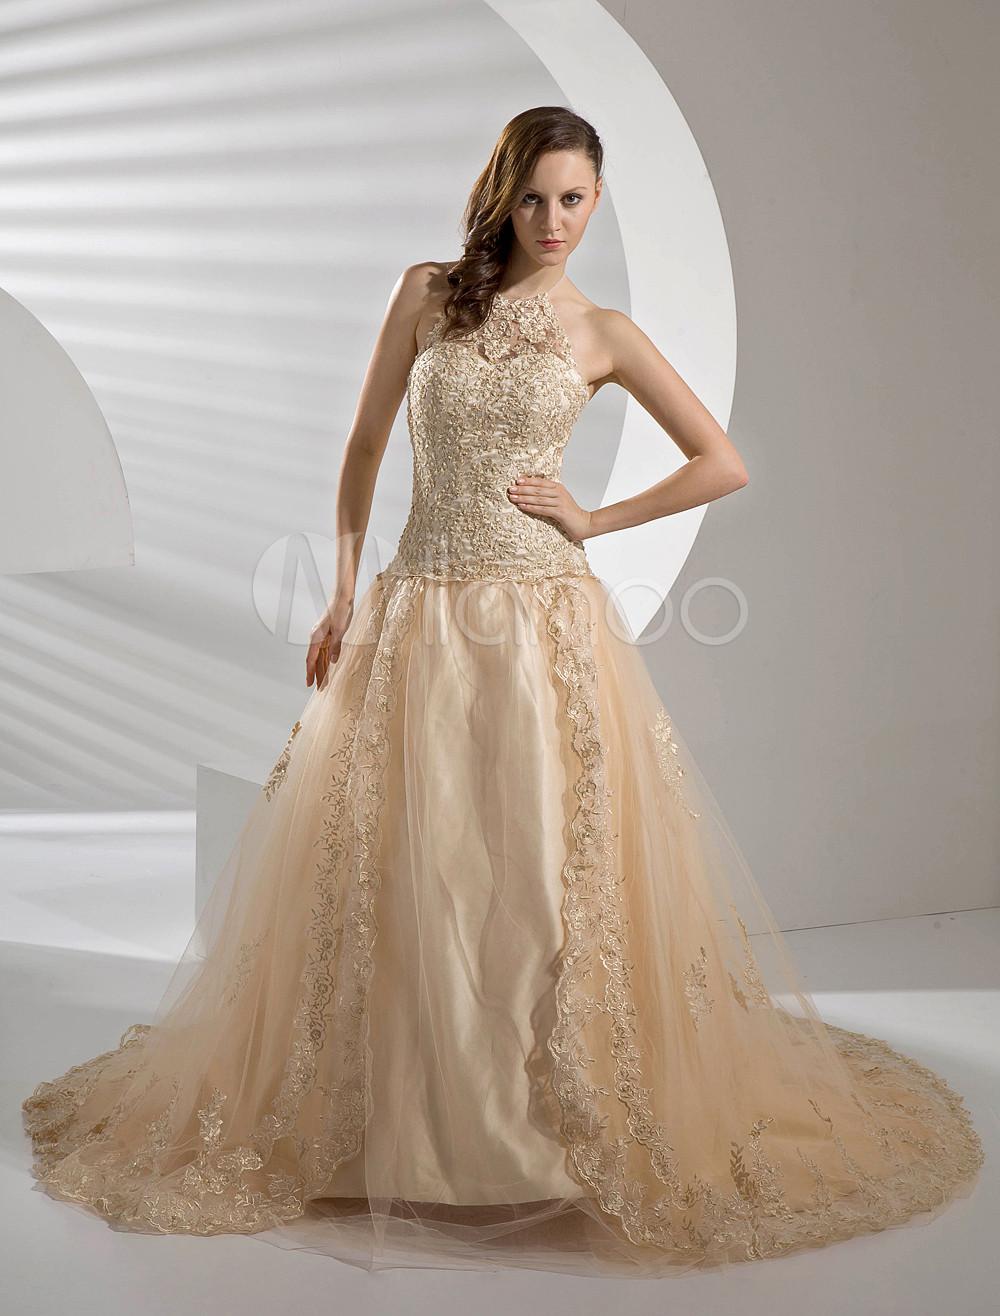 robe de mariee champagne